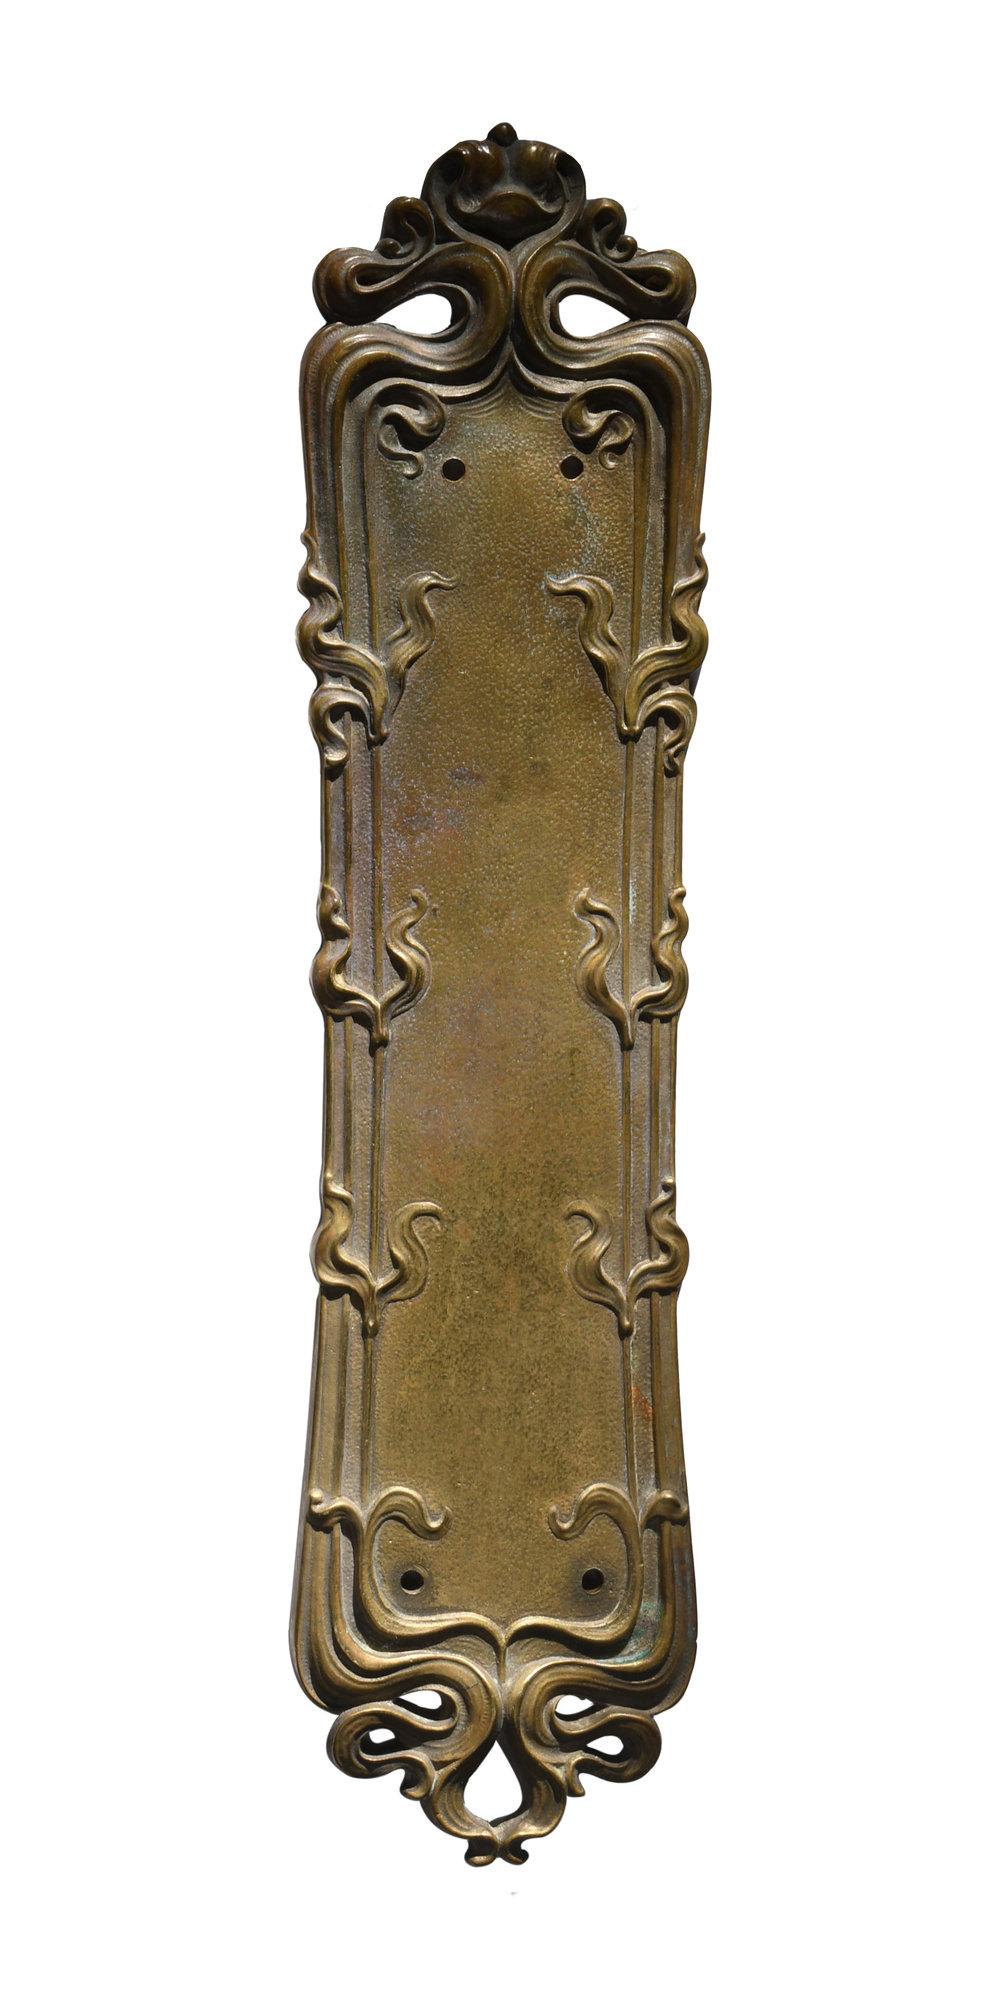 H20170-sargent-brass-art-nouveau-push-plates-both-18.jpg